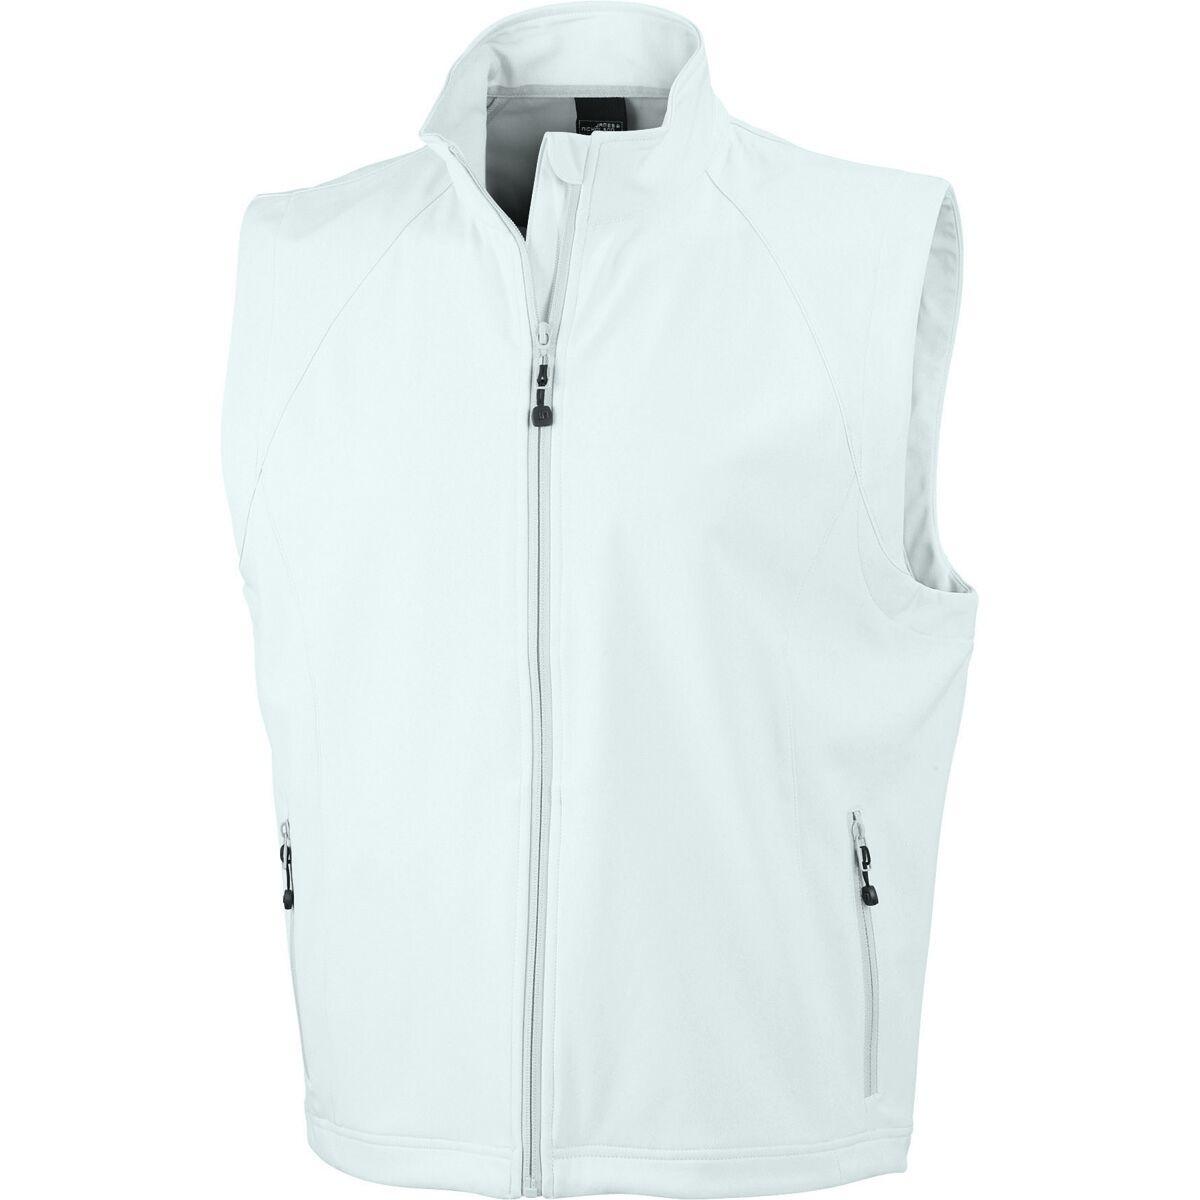 Gilet sans manches softshell coupe-vent imperméable JN1022 - blanc cassé - homme